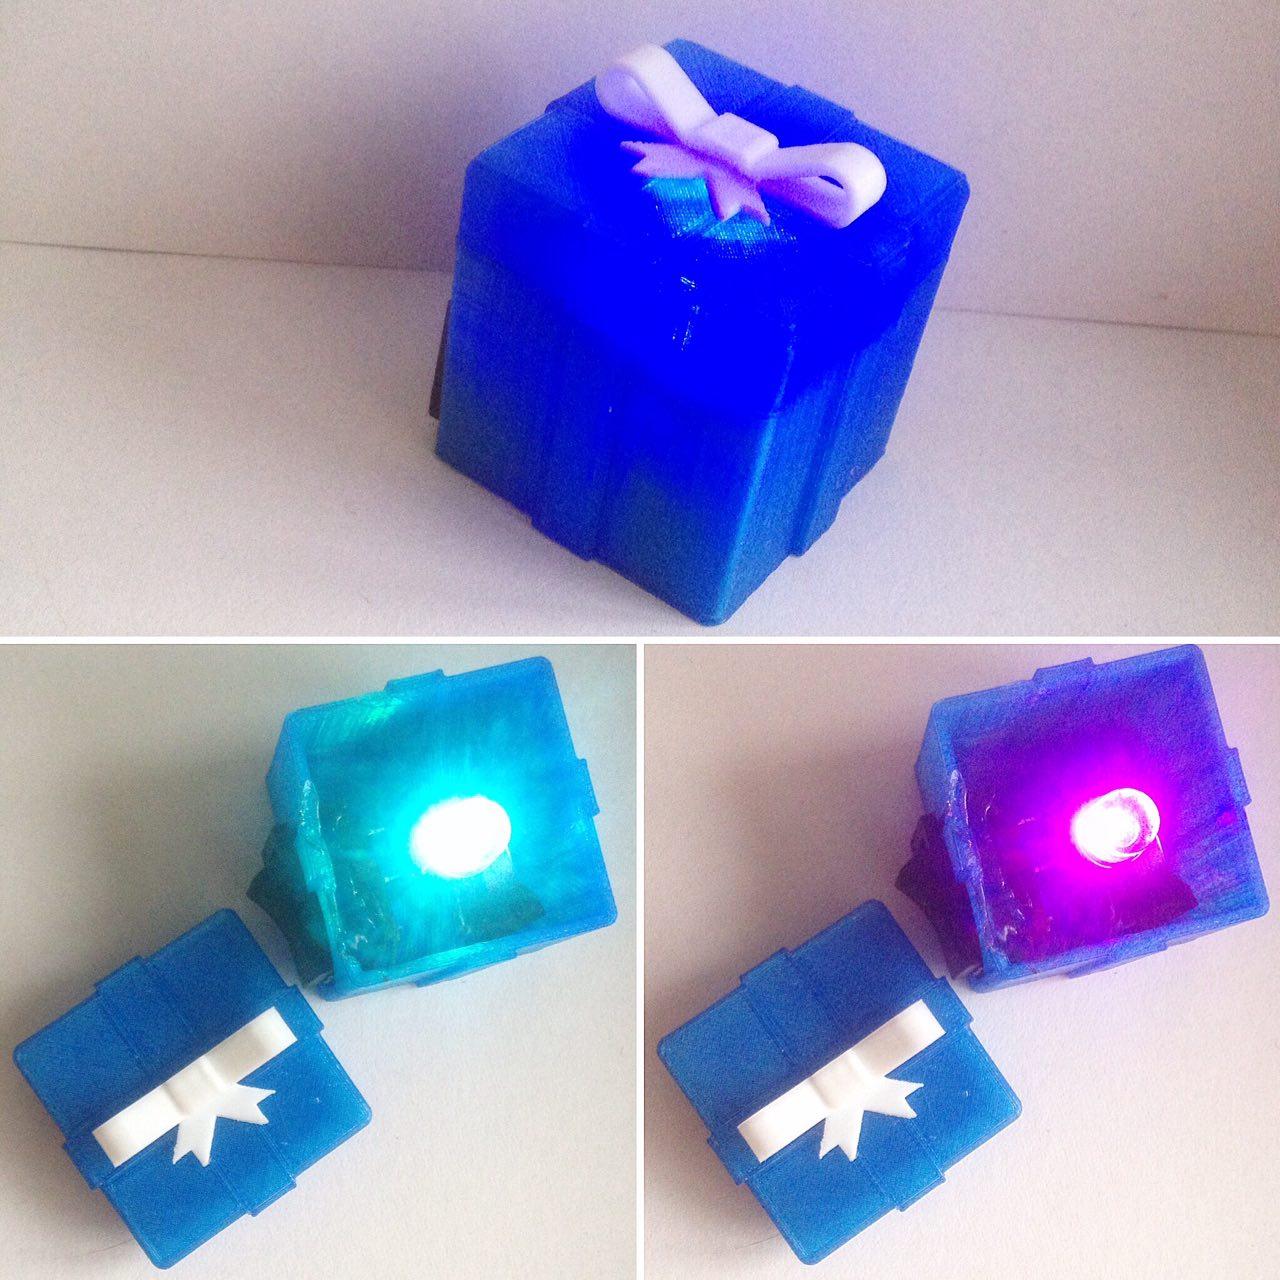 Игрушка с подсветкой  Распечатанный на 3D принтере сувенир оснащается безопасной электрической схемой с подсветкой